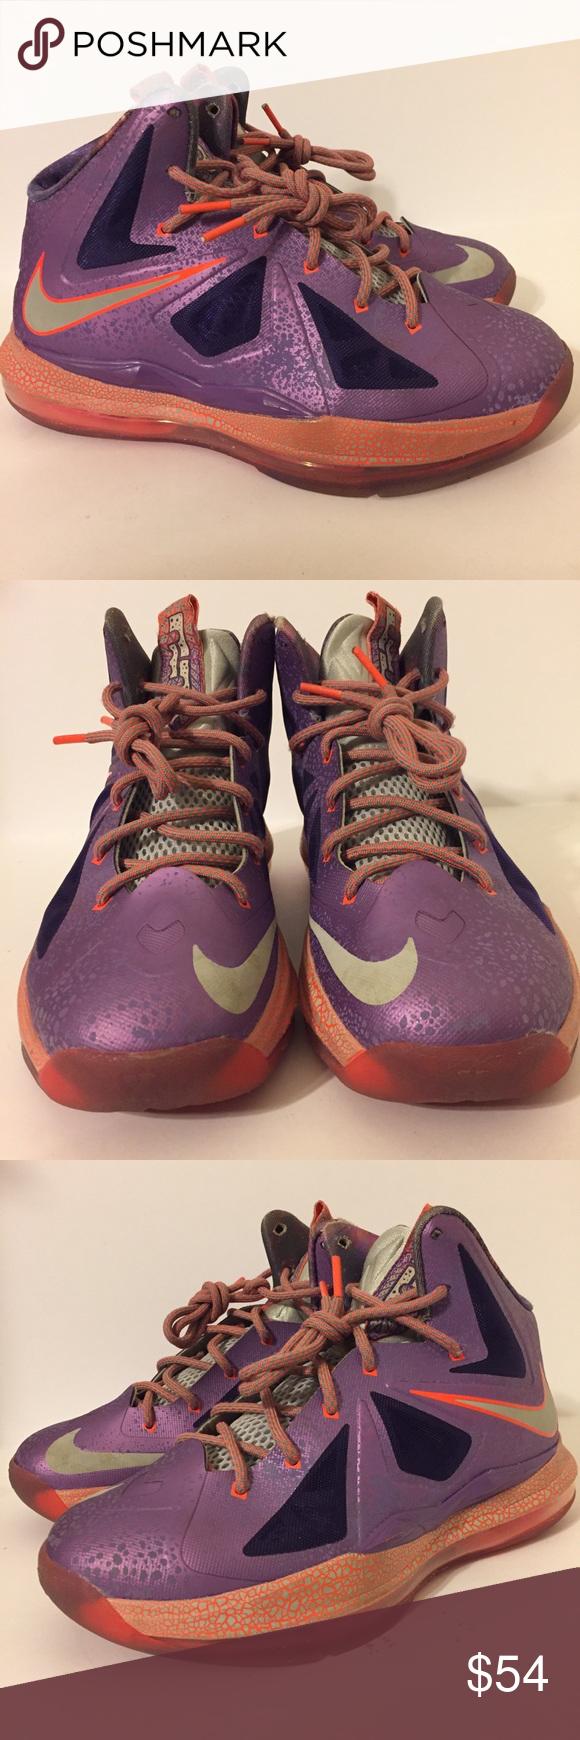 Nike Lebron X 10 purple galaxy 5Y Womens 6.5 Nike Lebron 10 X galaxy size  5Y 17cb16902